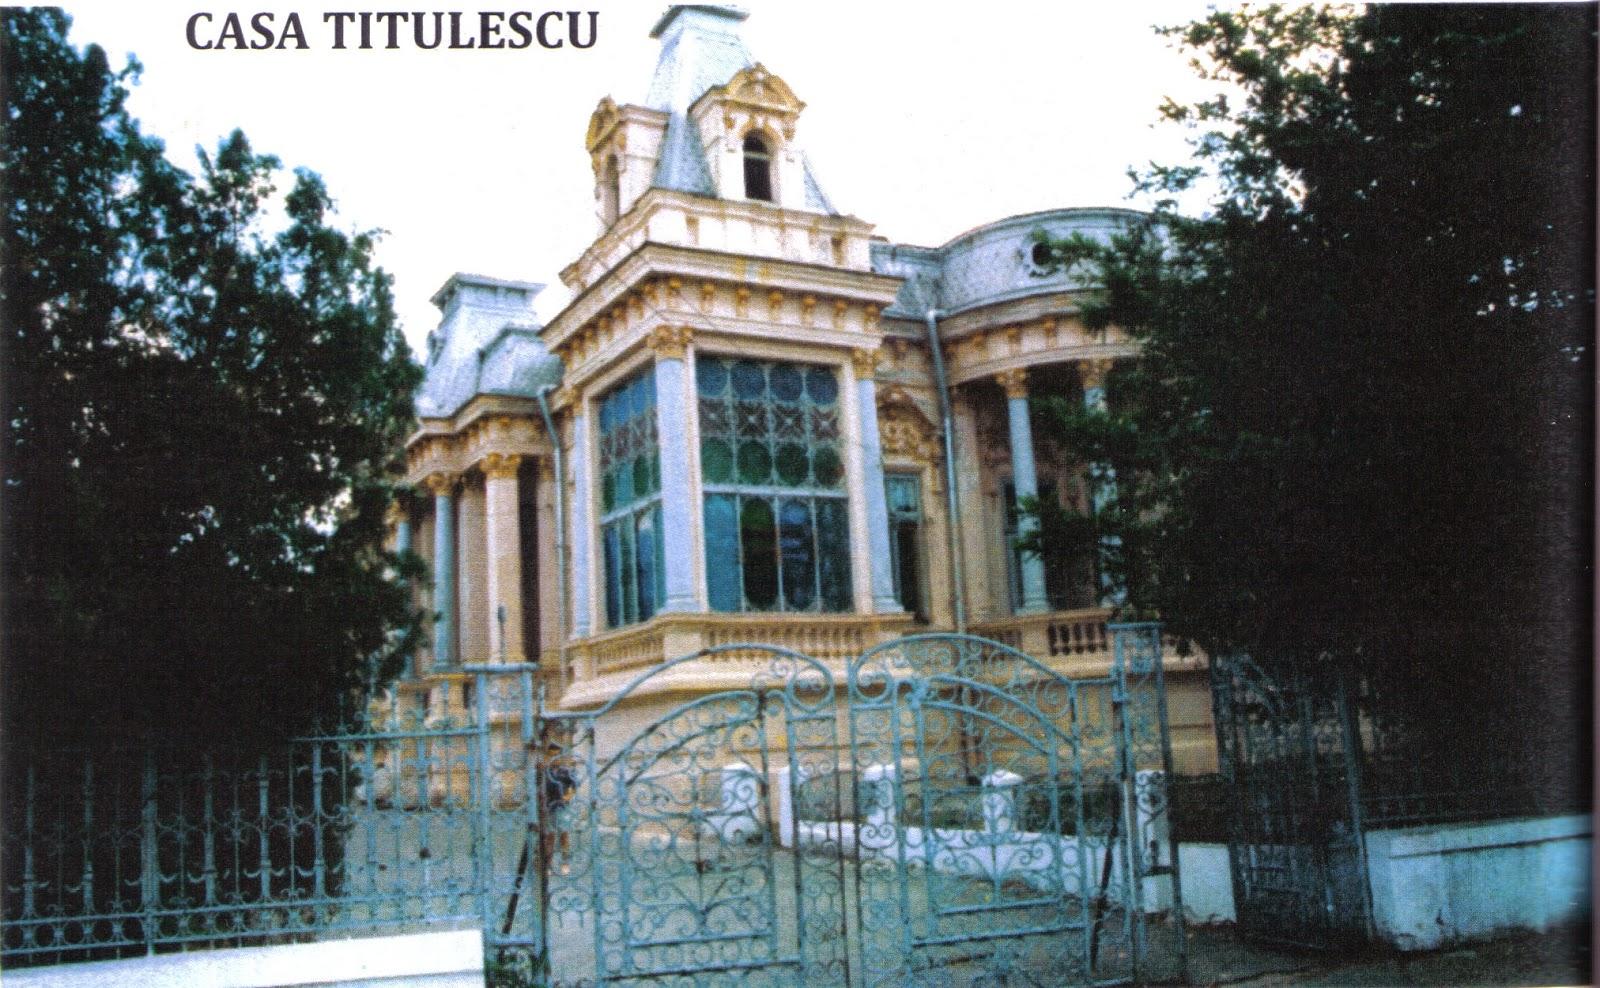 Casa Titulescu